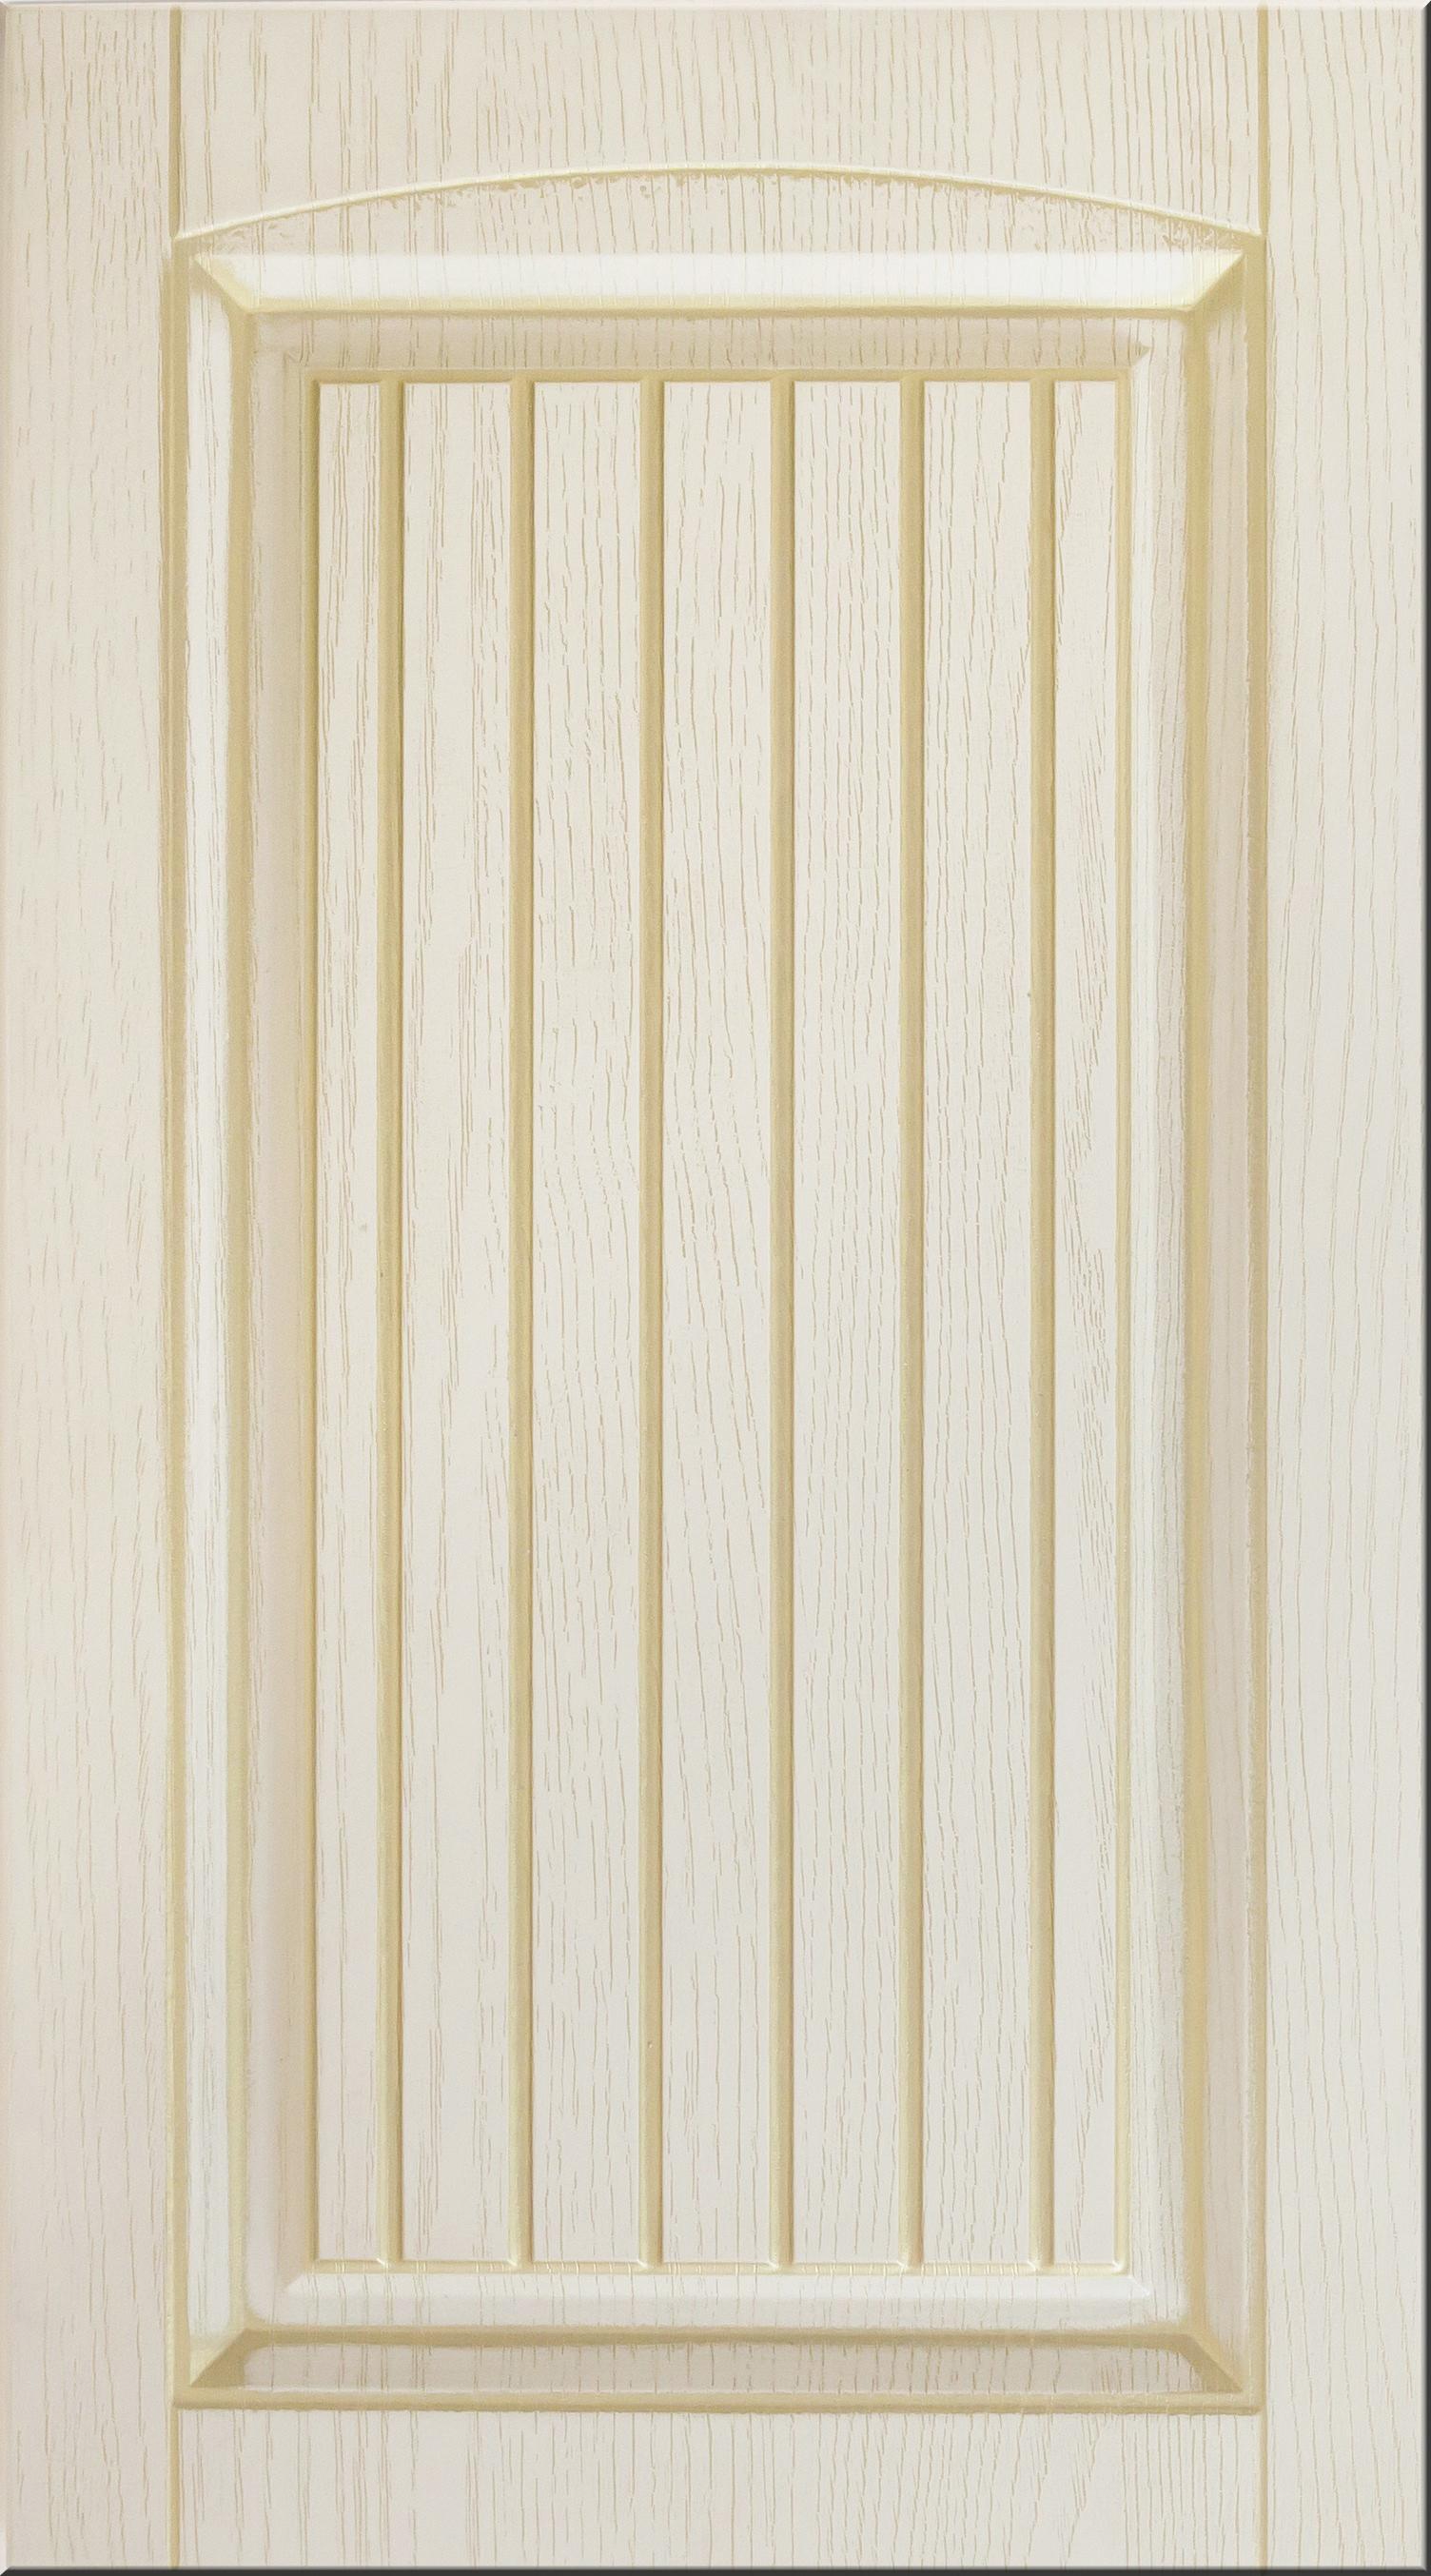 Фасады в пленке ПВХ, Фрезеровка № 43, цвет Ваниль структурная, патина - золото